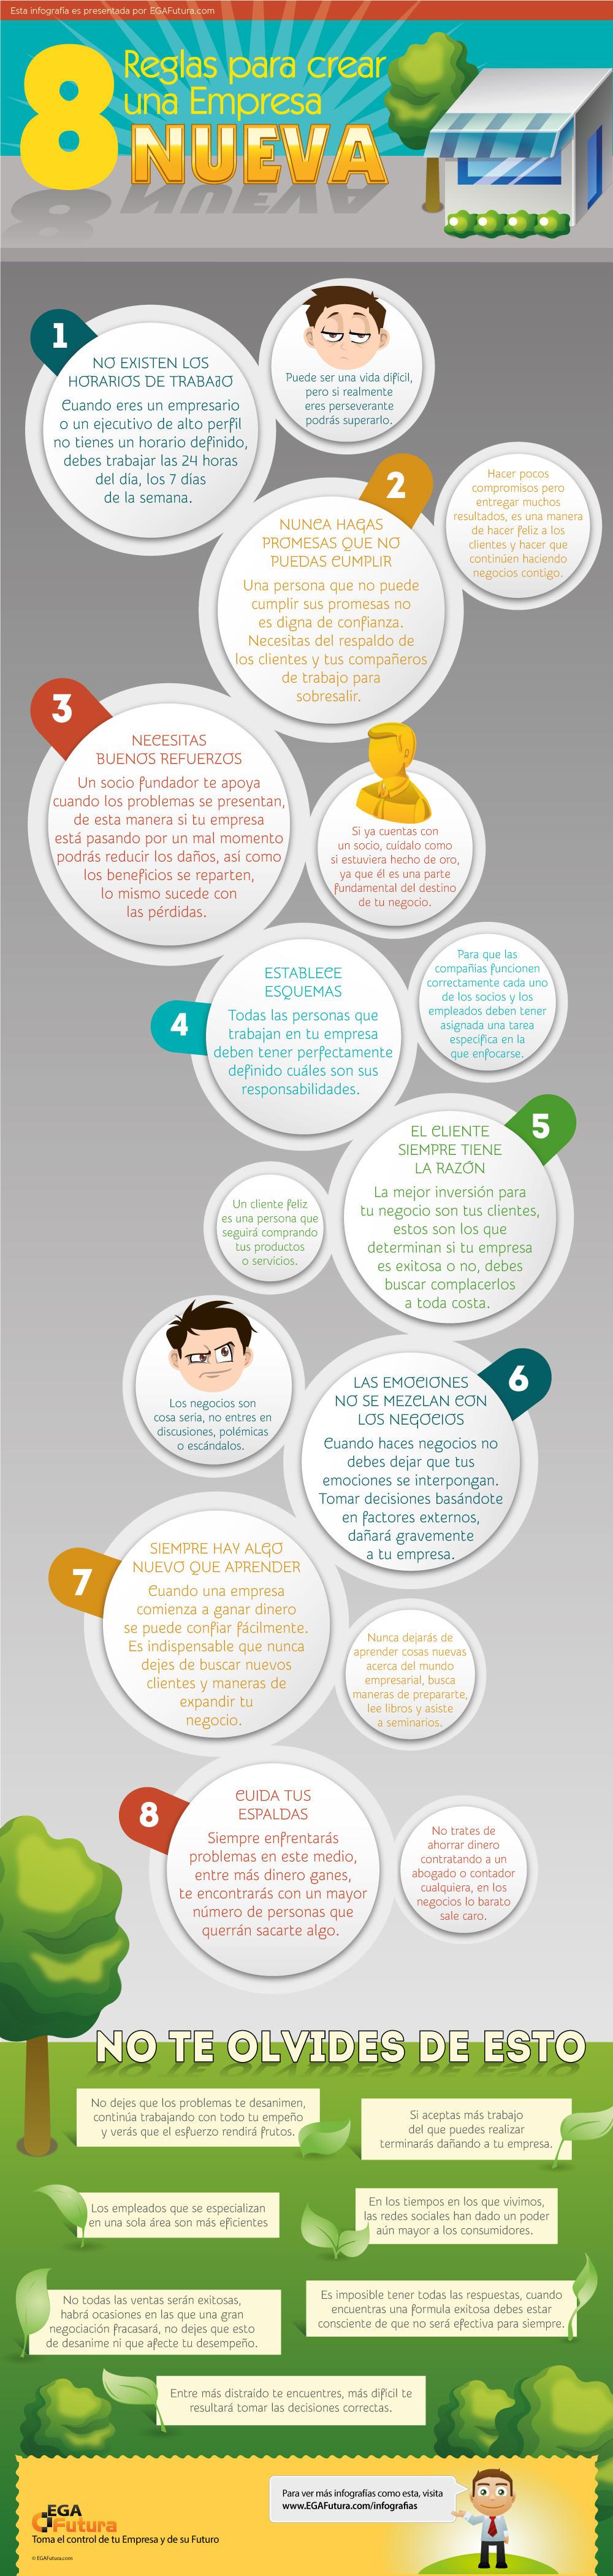 Infografía: 8 Reglas de Oro para crear una Empresa Nueva